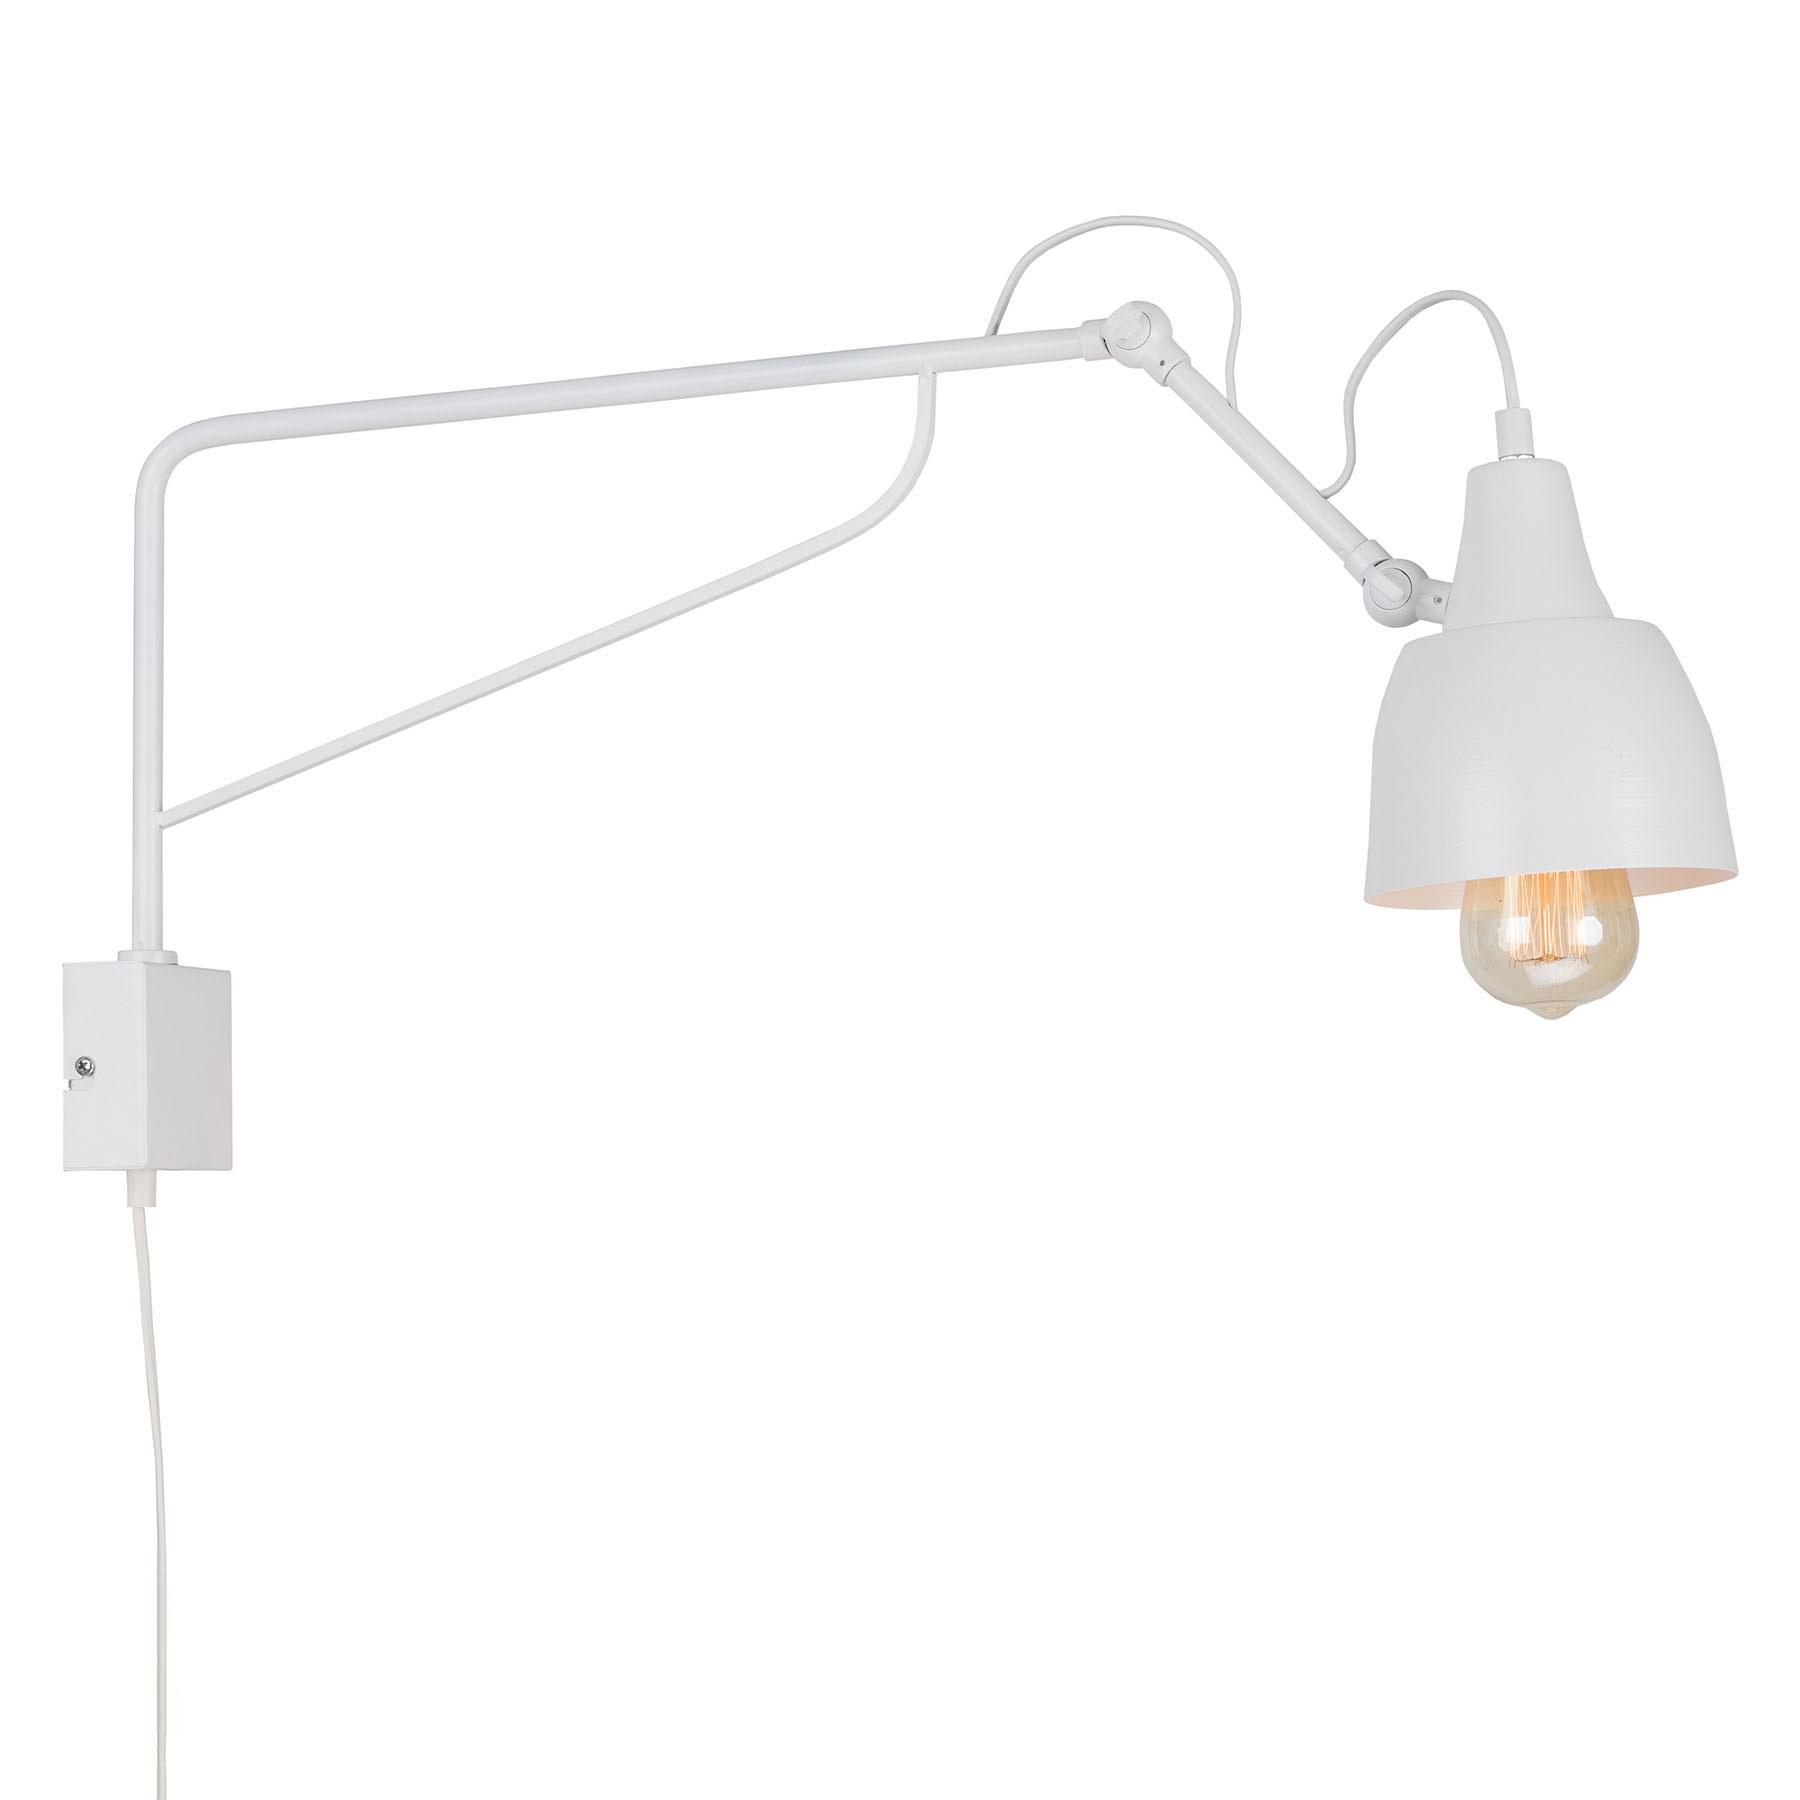 Applique 1002 avec prise, à 1 lampe, blanche